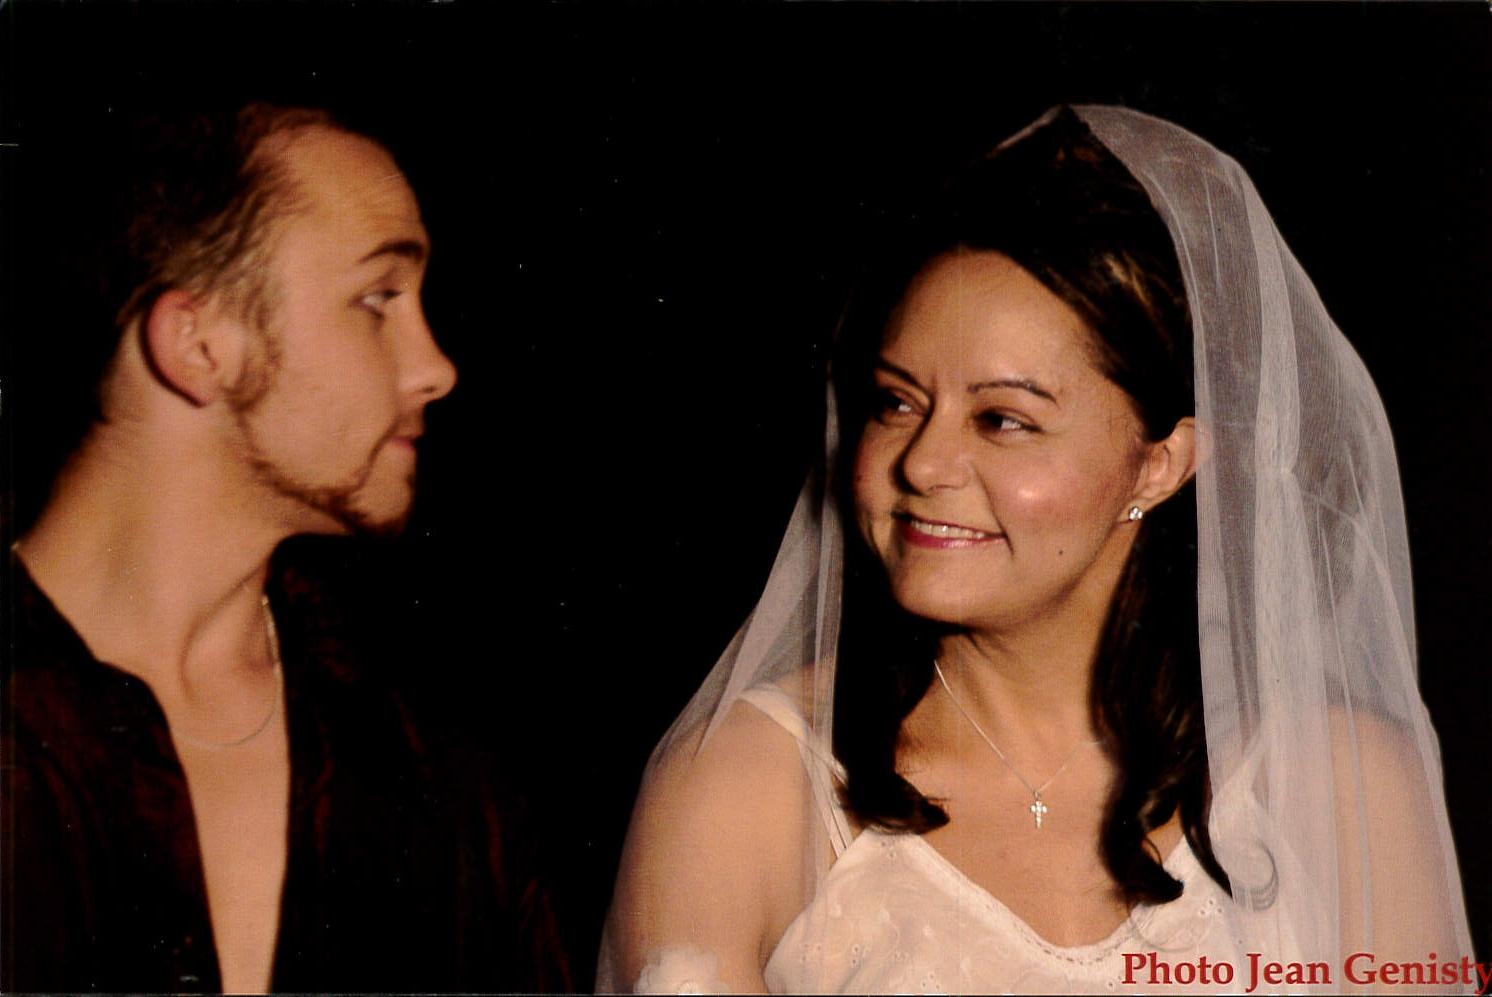 OWAP Les Caprices de Marianne  Kim Michelle BRODERICK as Marianne  Production en français at Théâtre Darius Millaud Paris France.jpg